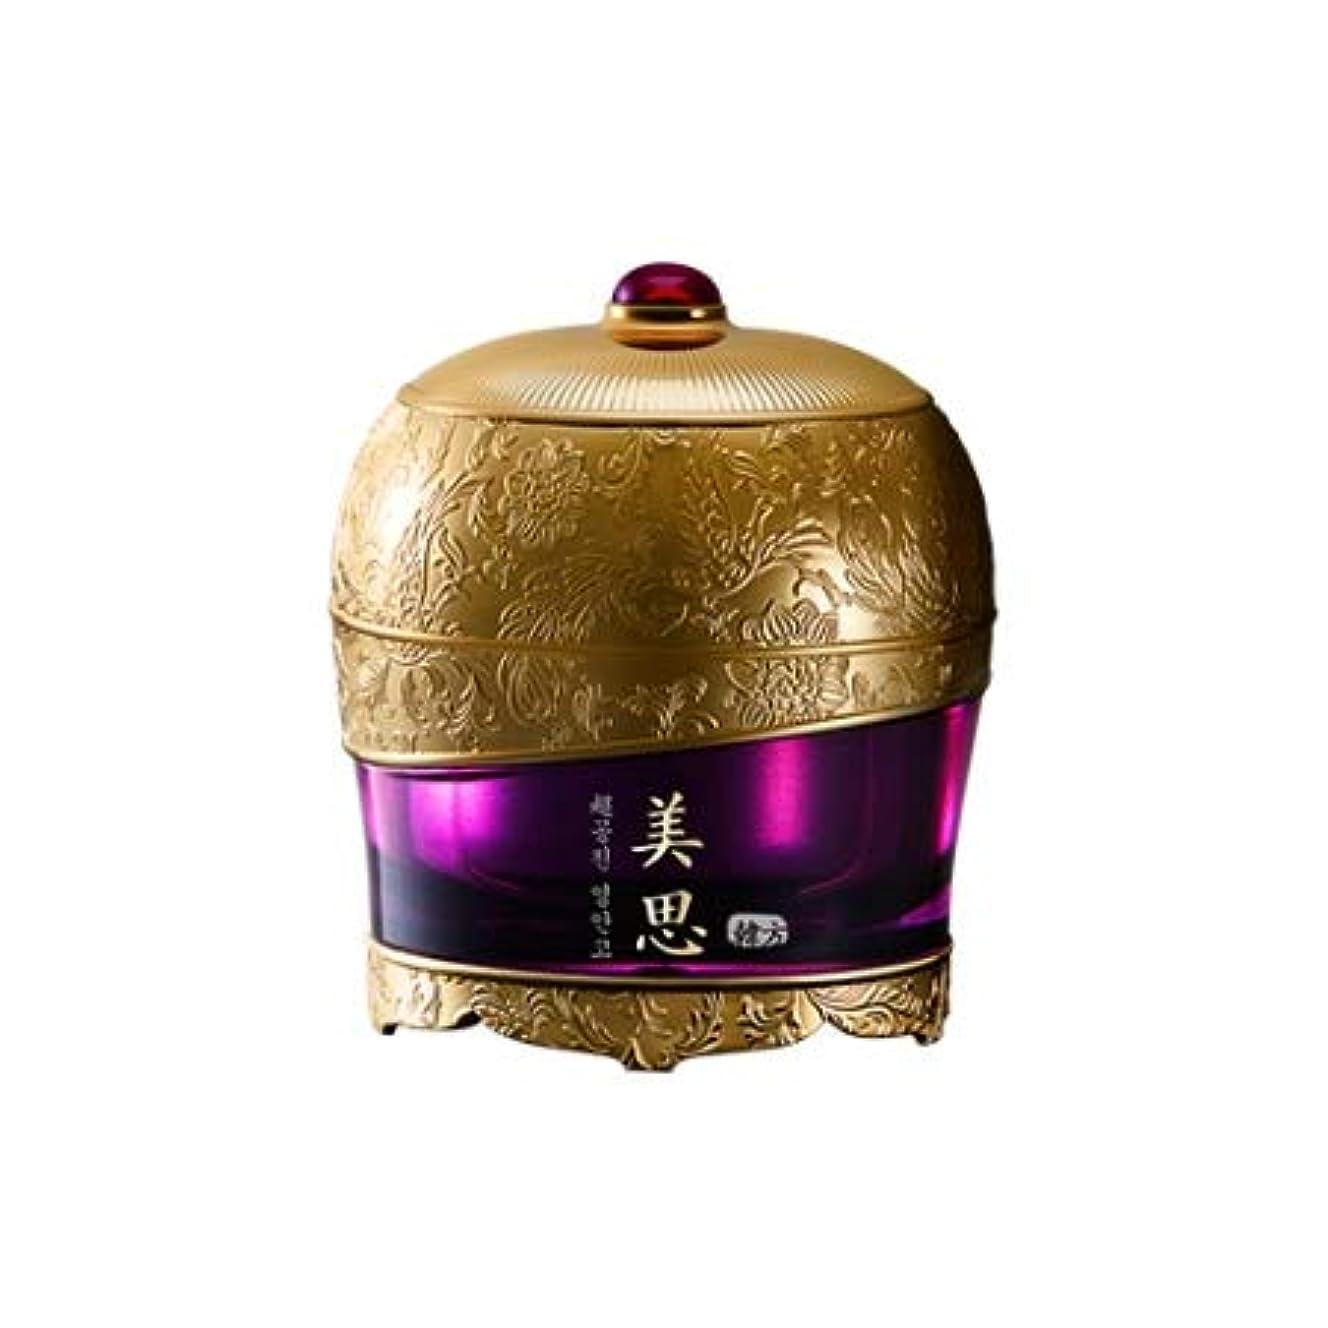 ランドマークすき疑問を超えてMISSHA Chogongjin Premium cream ミシャ美思超拱辰(チョゴンジン) 永安膏 クリーム クリーム 60ml [並行輸入品]